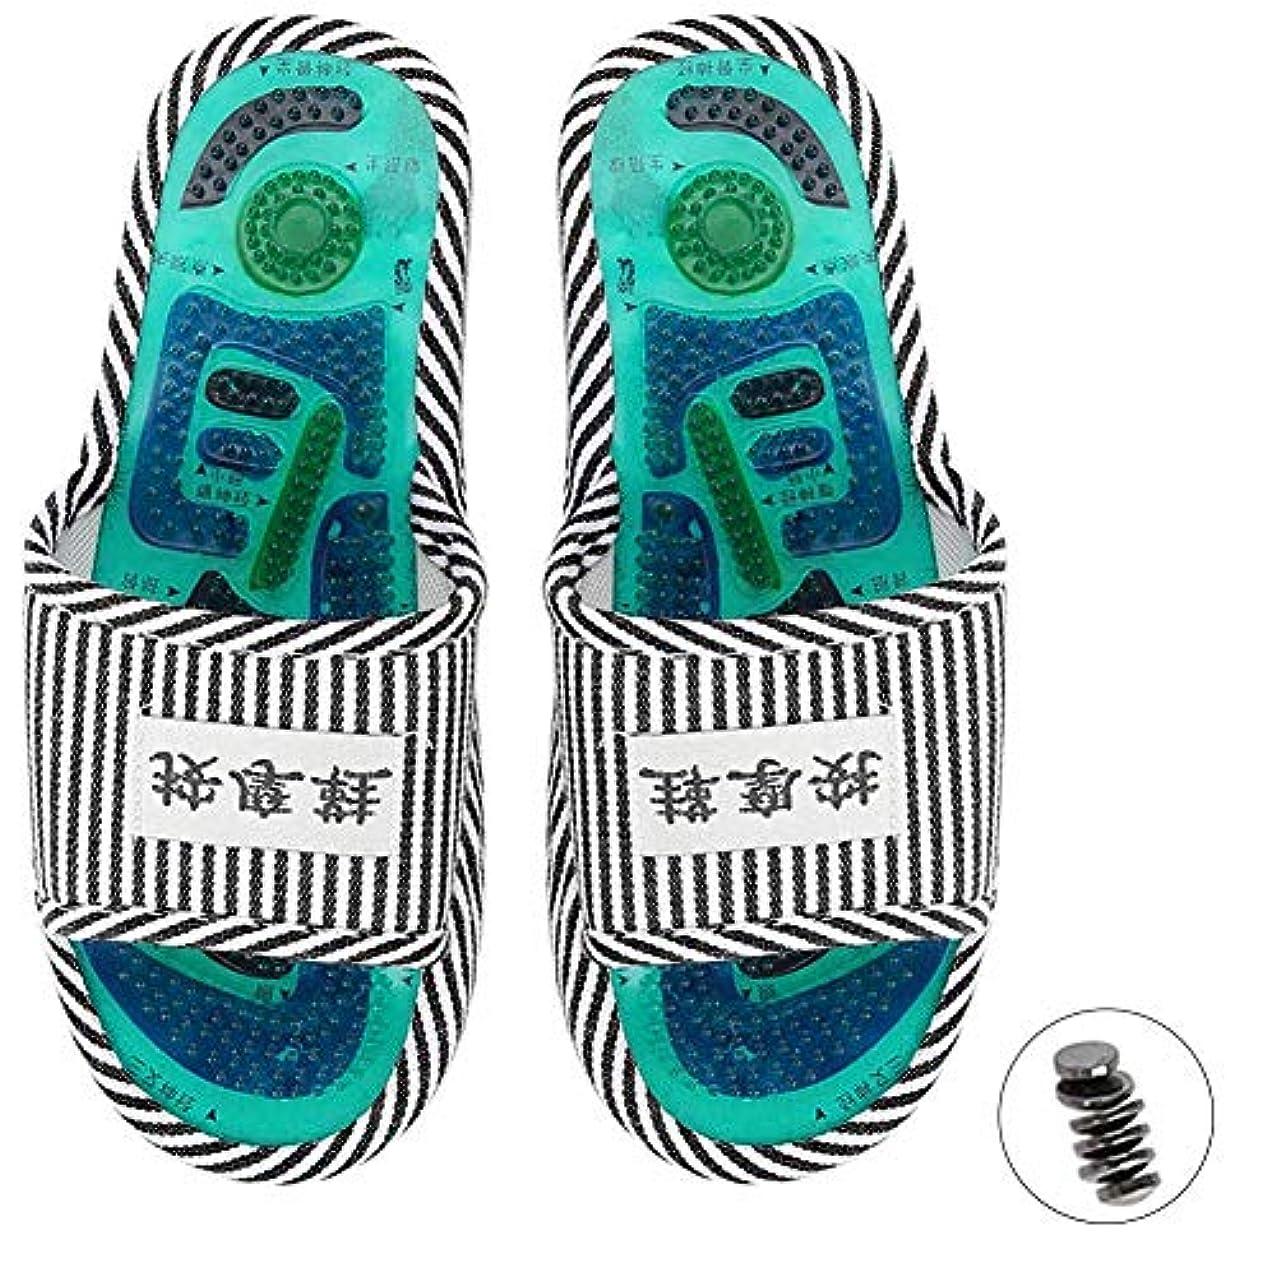 一元化する散逸ラベンダーマッサージスリッパ、足指圧マッサージ 磁気ストーン 健康な足のケア マッサージボール 男性女性用(1)